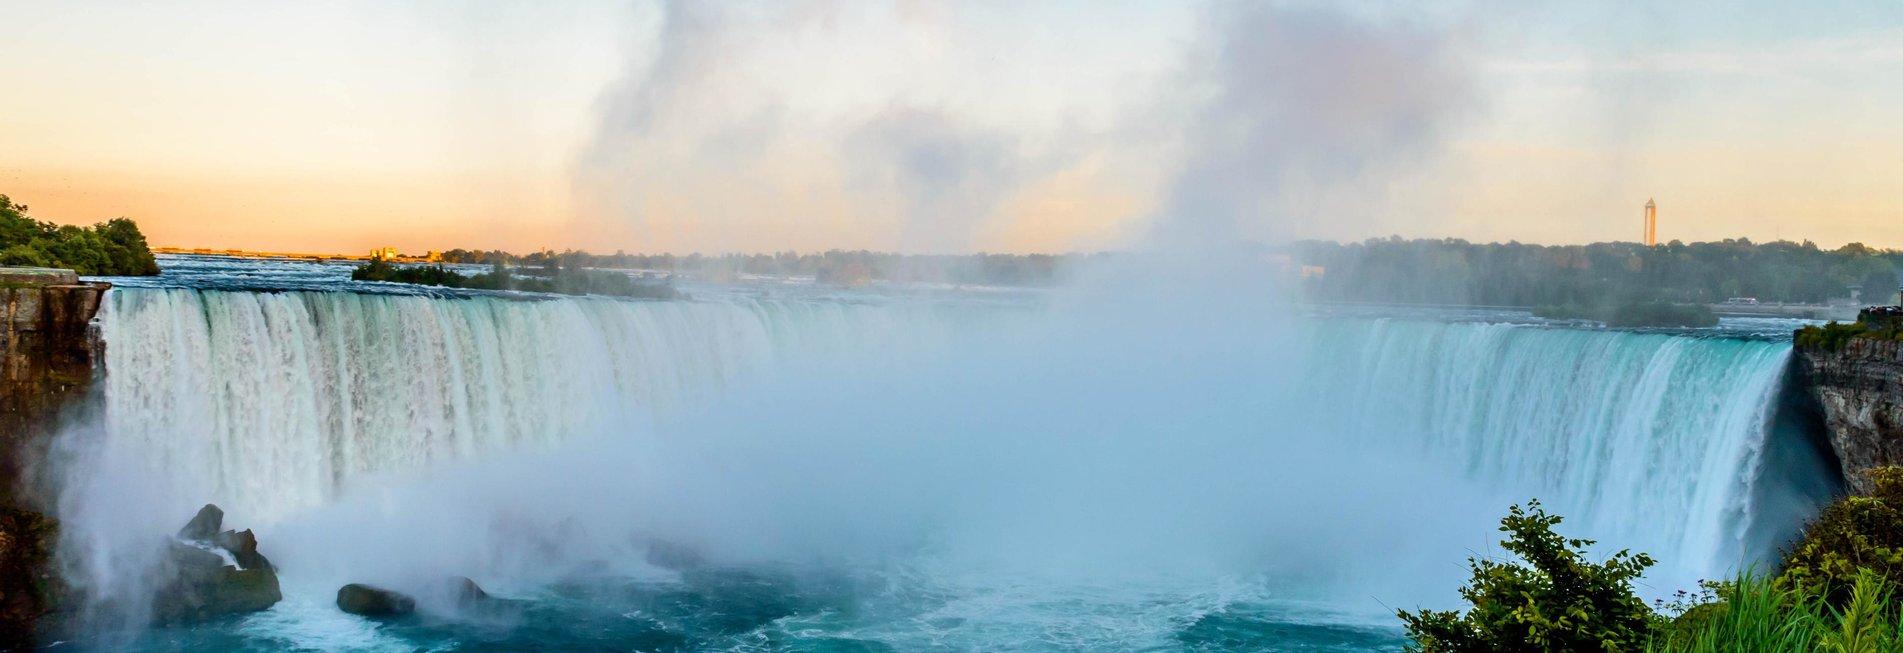 Bildergebnis für kanada metropolenzauber und naturschauspiel